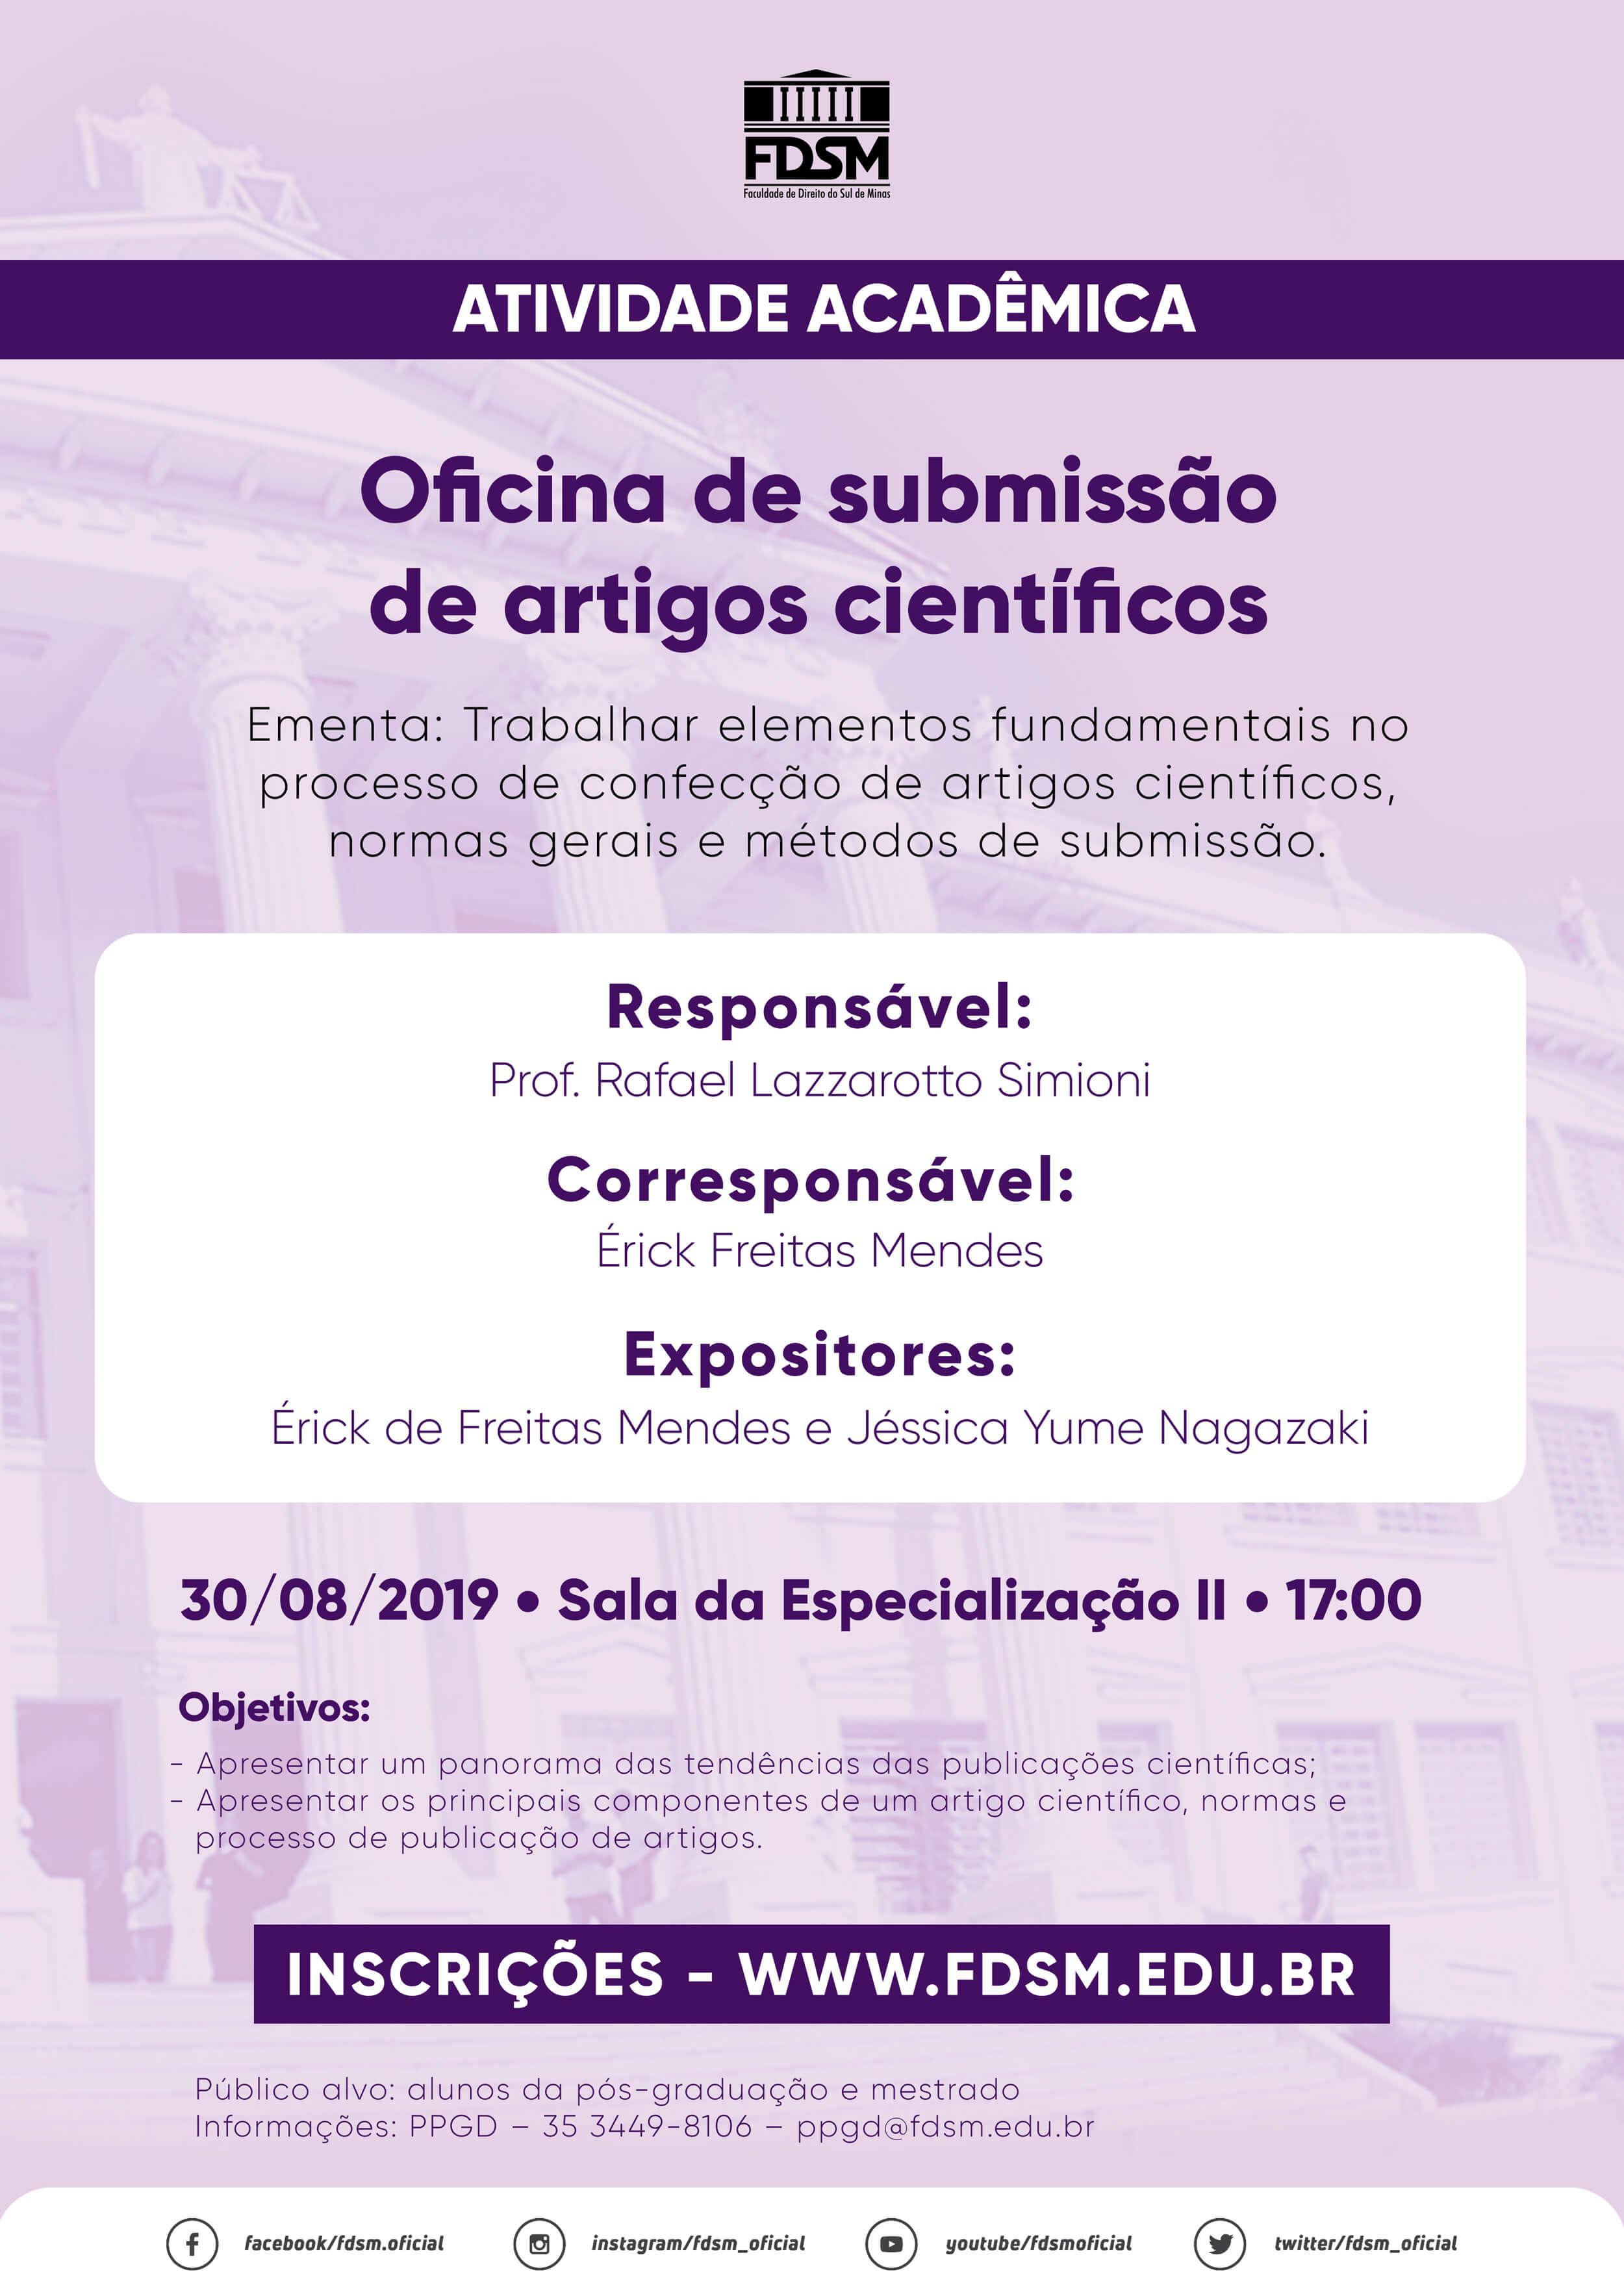 Oficina de submissão de artigos científicos